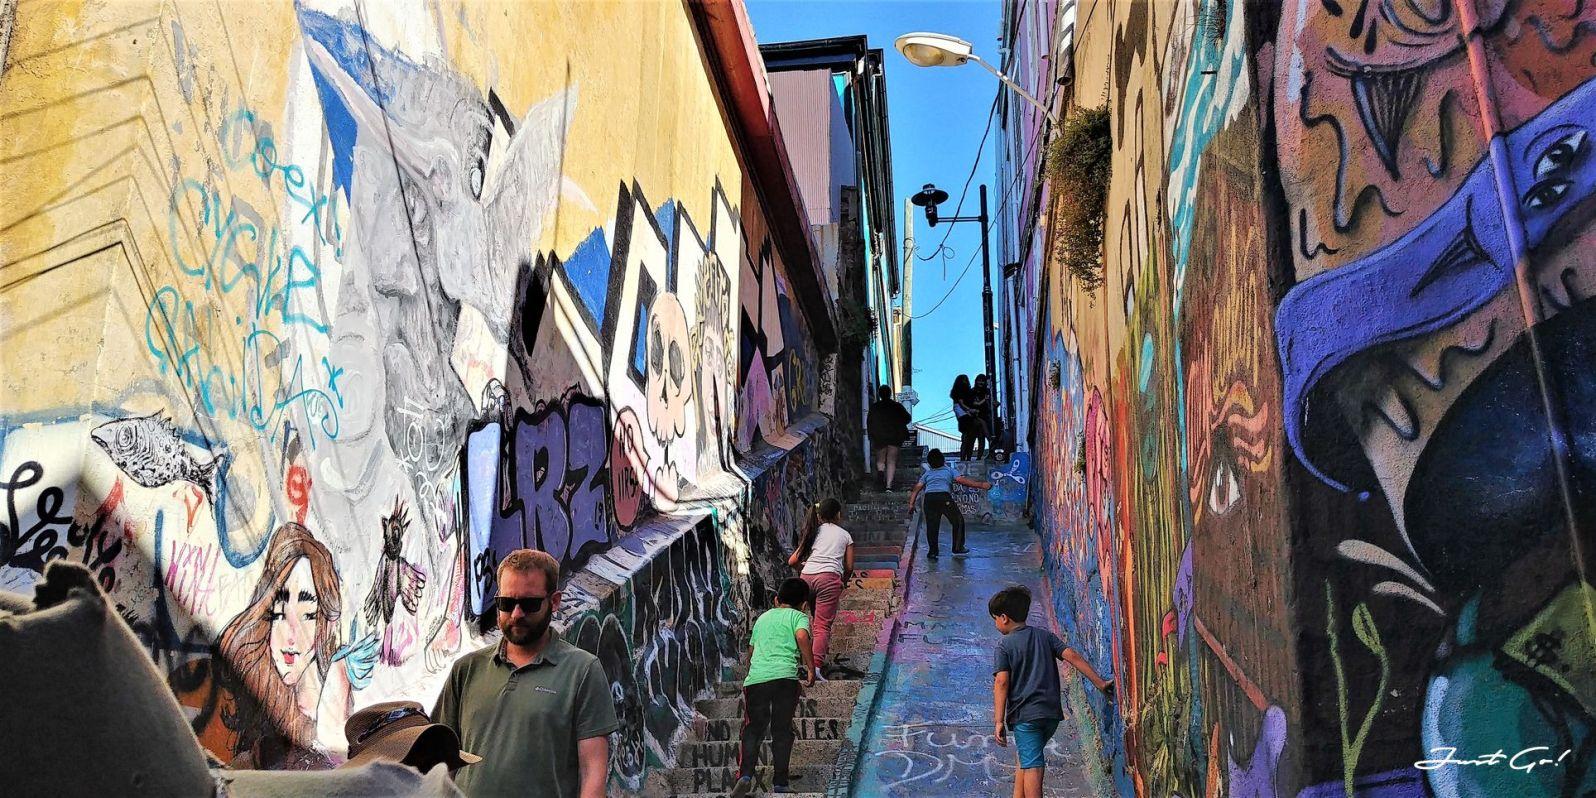 智利 - 聖地牙哥後花園·Valparaiso免費導覽經典景點一日小旅行15